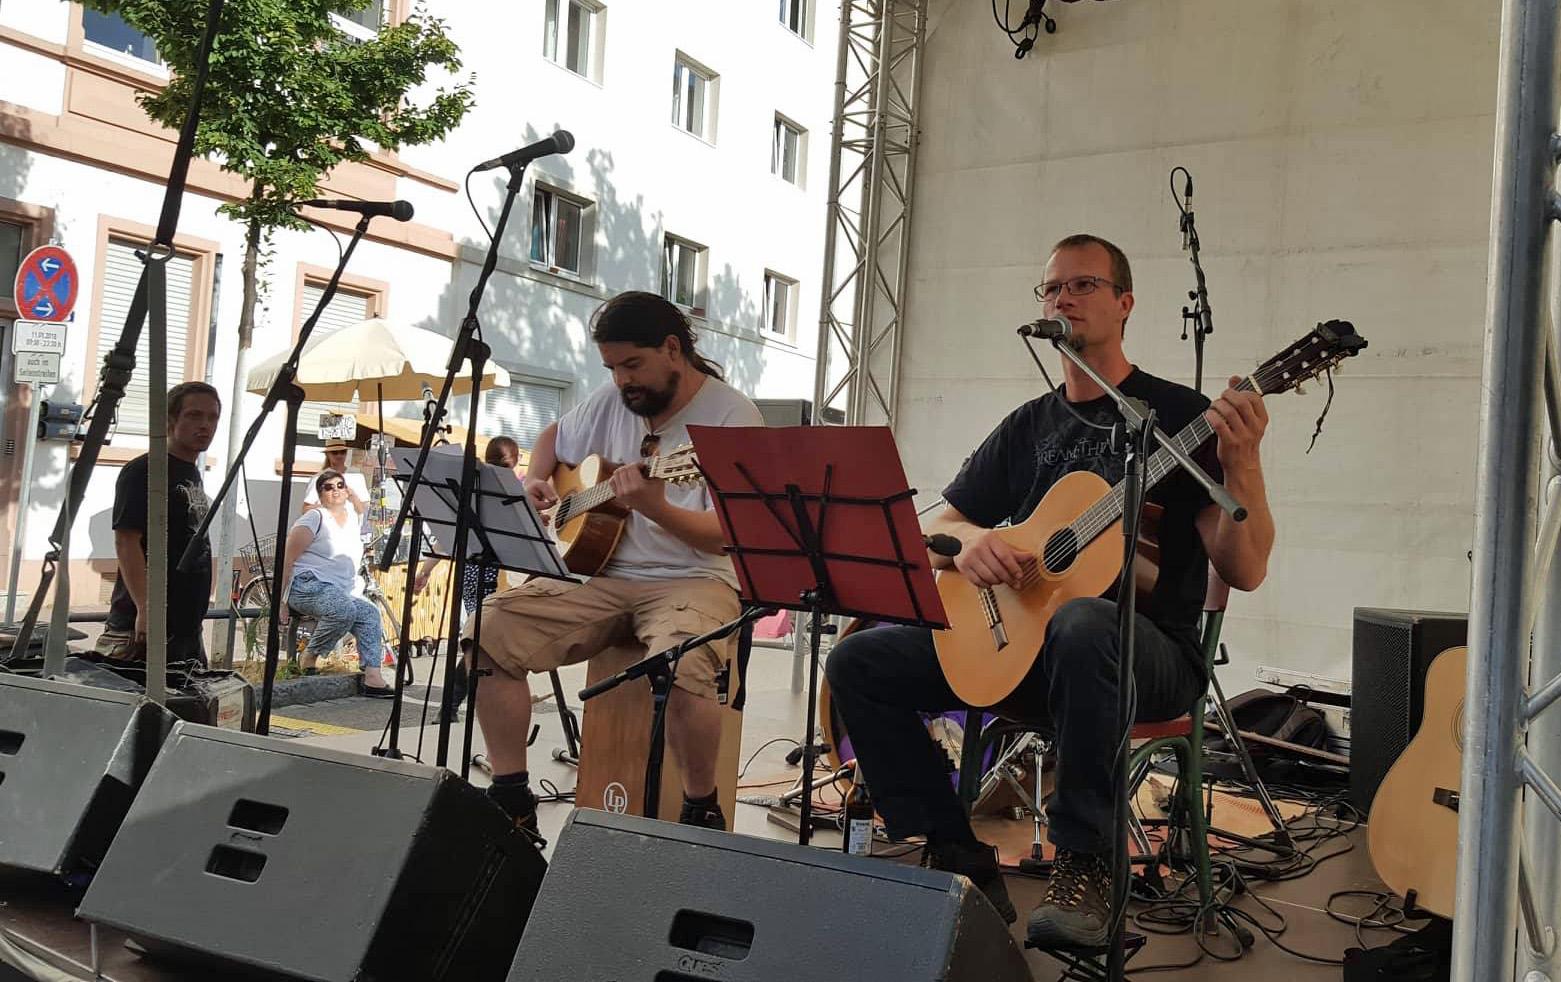 Speerträge und Royce auf der Bühne, von schräg seitwärts. Beide spielen Gitarre, Speerträger singt, neben der Bühne interessierte Zuhörer